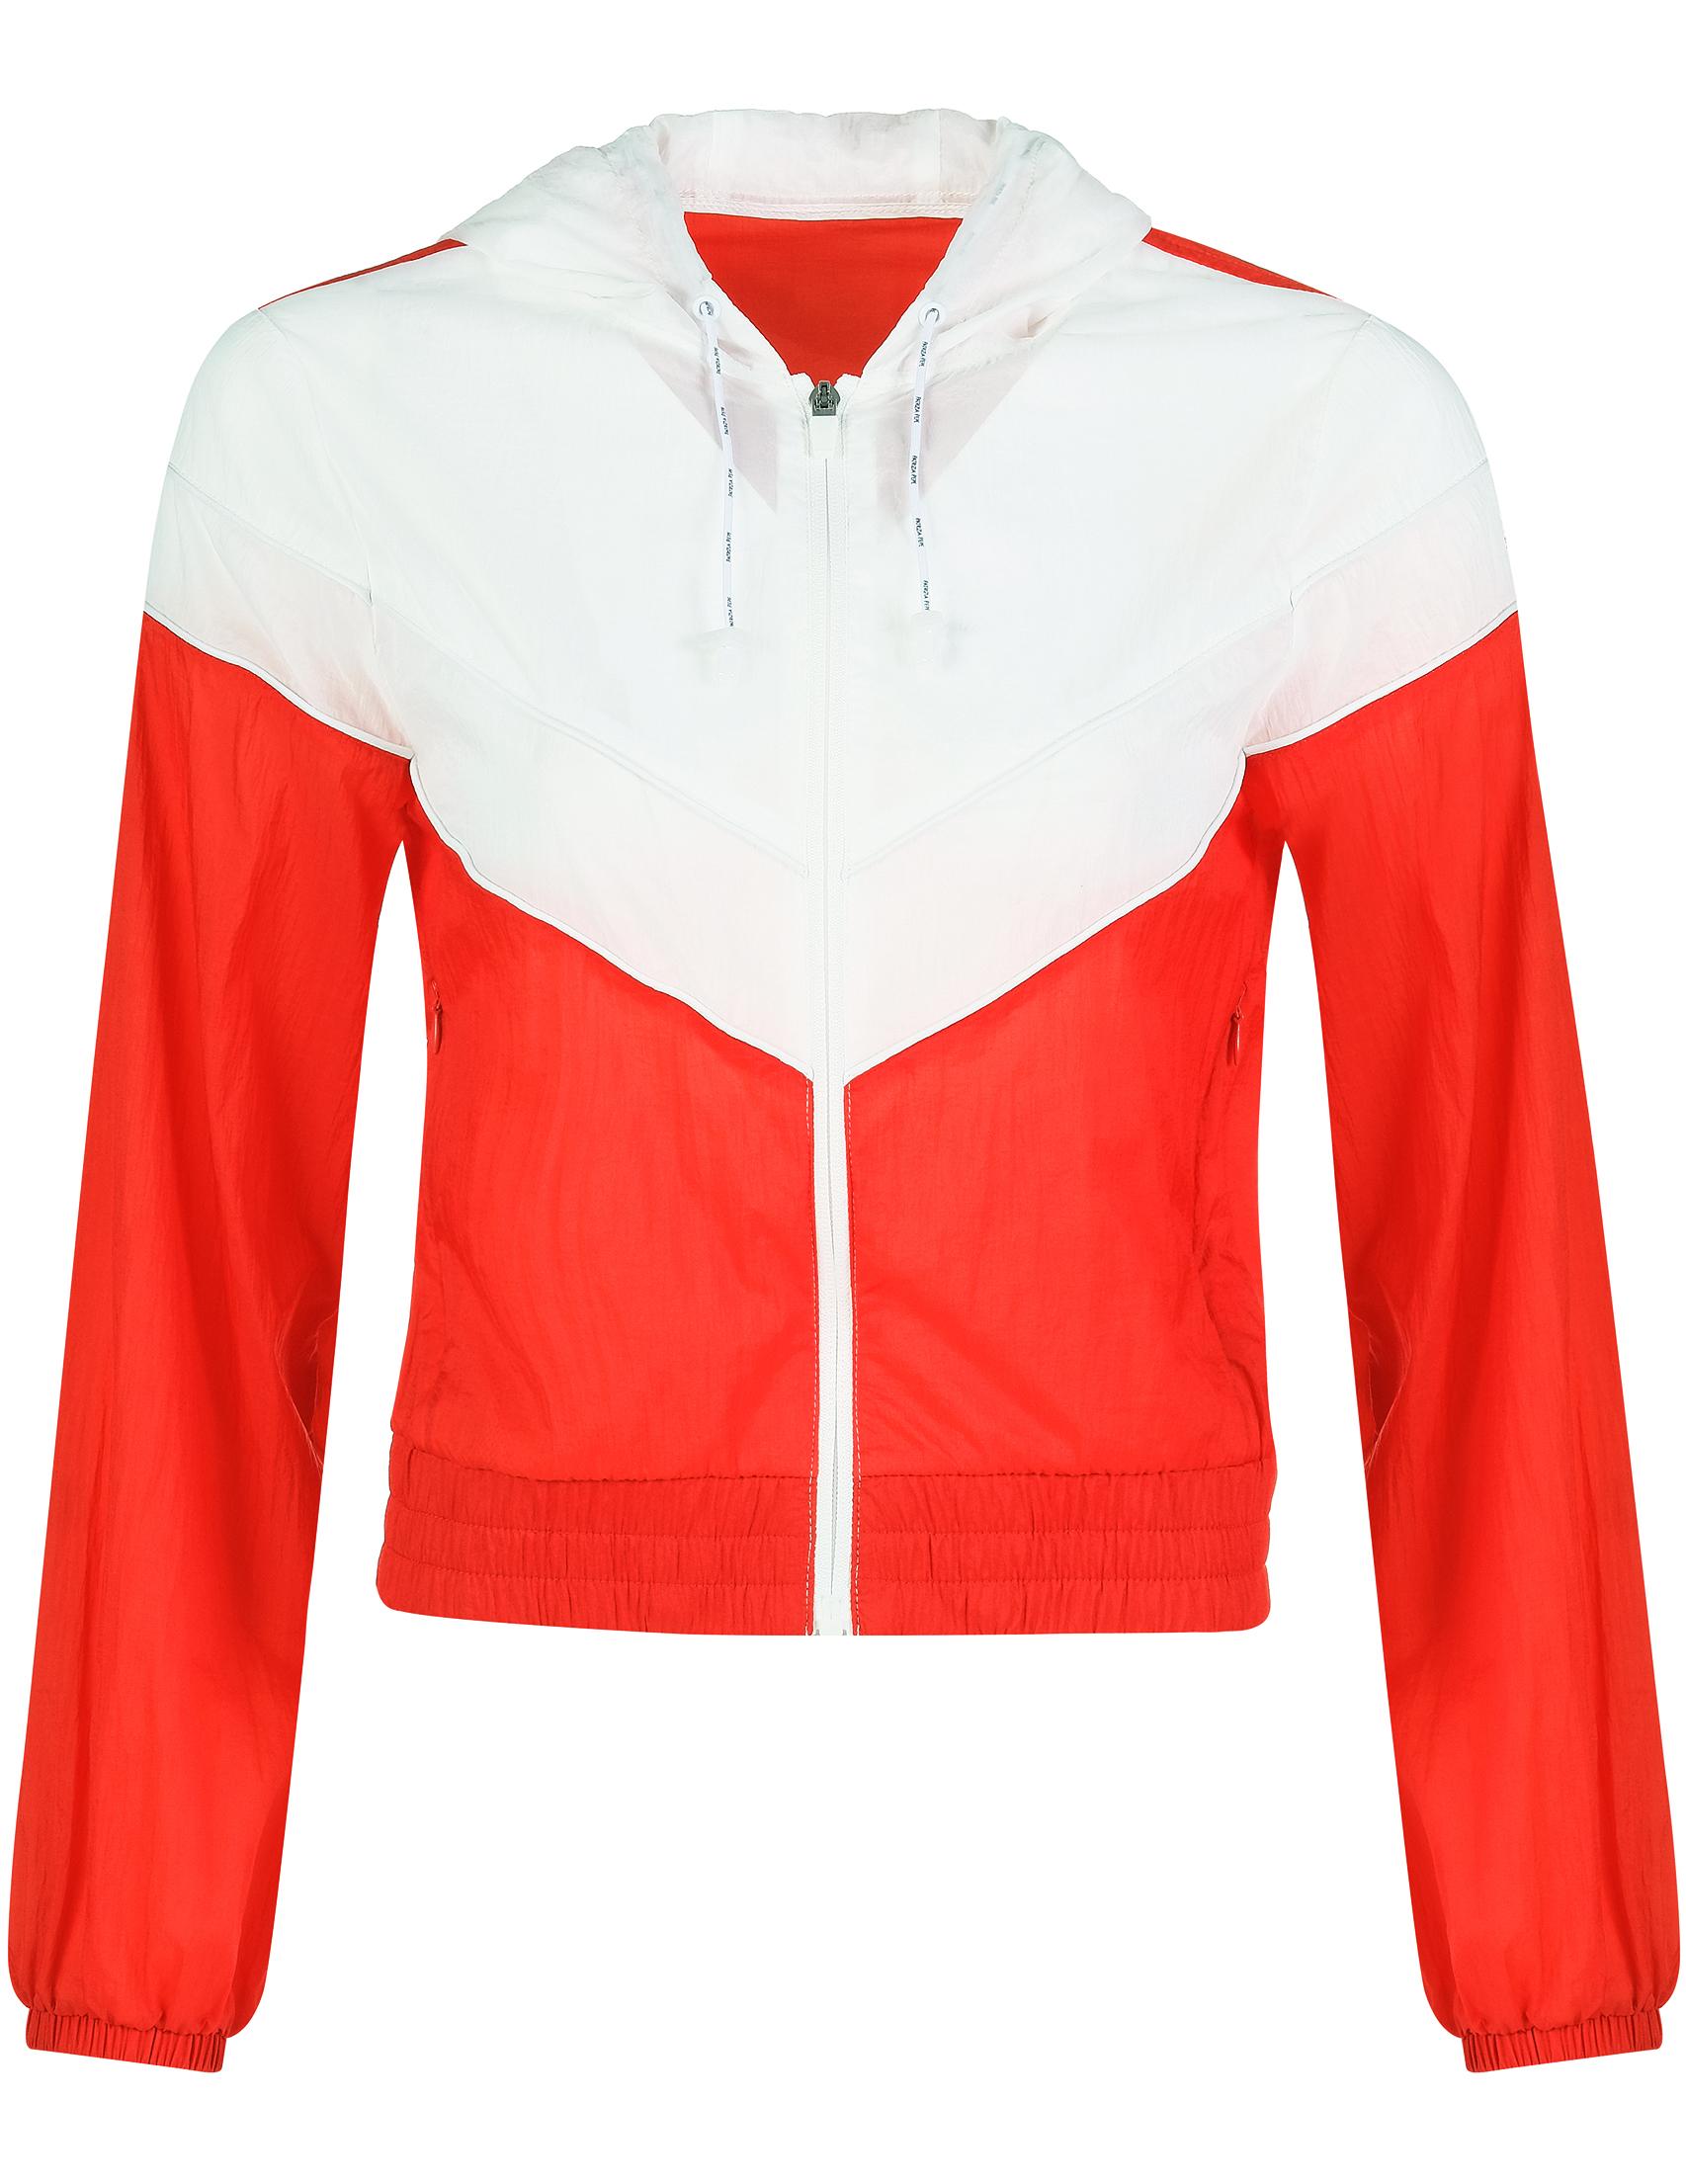 Купить Куртки, Куртка, PATRIZIA PEPE, Красный, 100%Полиамид, Весна-Лето